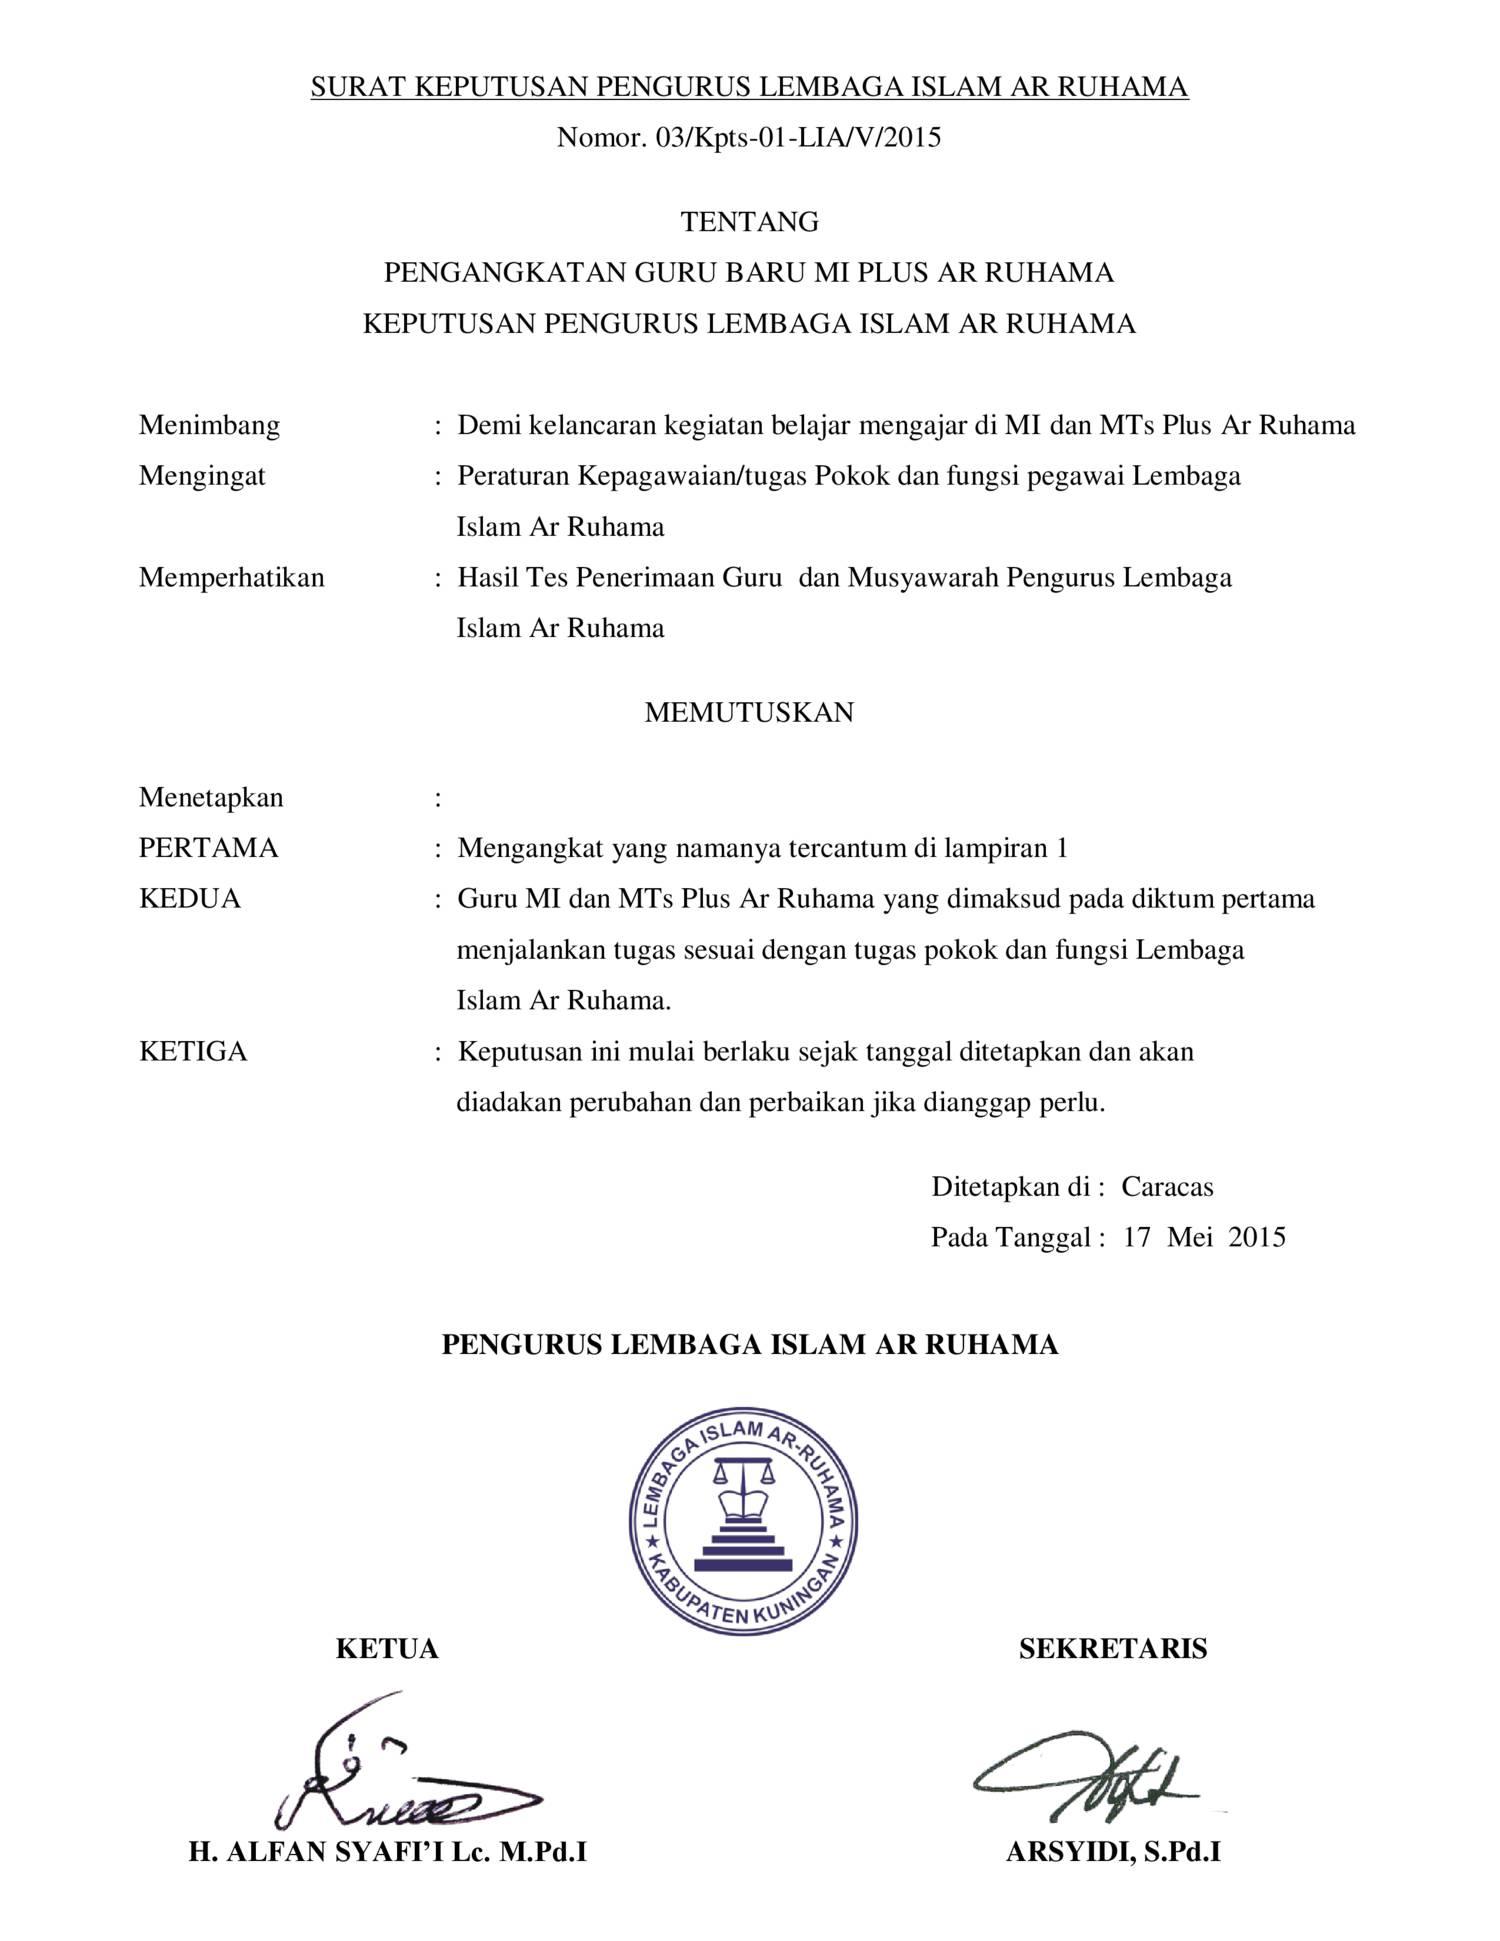 Surat Keputusan Pengurus Lembaga Islam Ar Ruhamapdf Docdroid